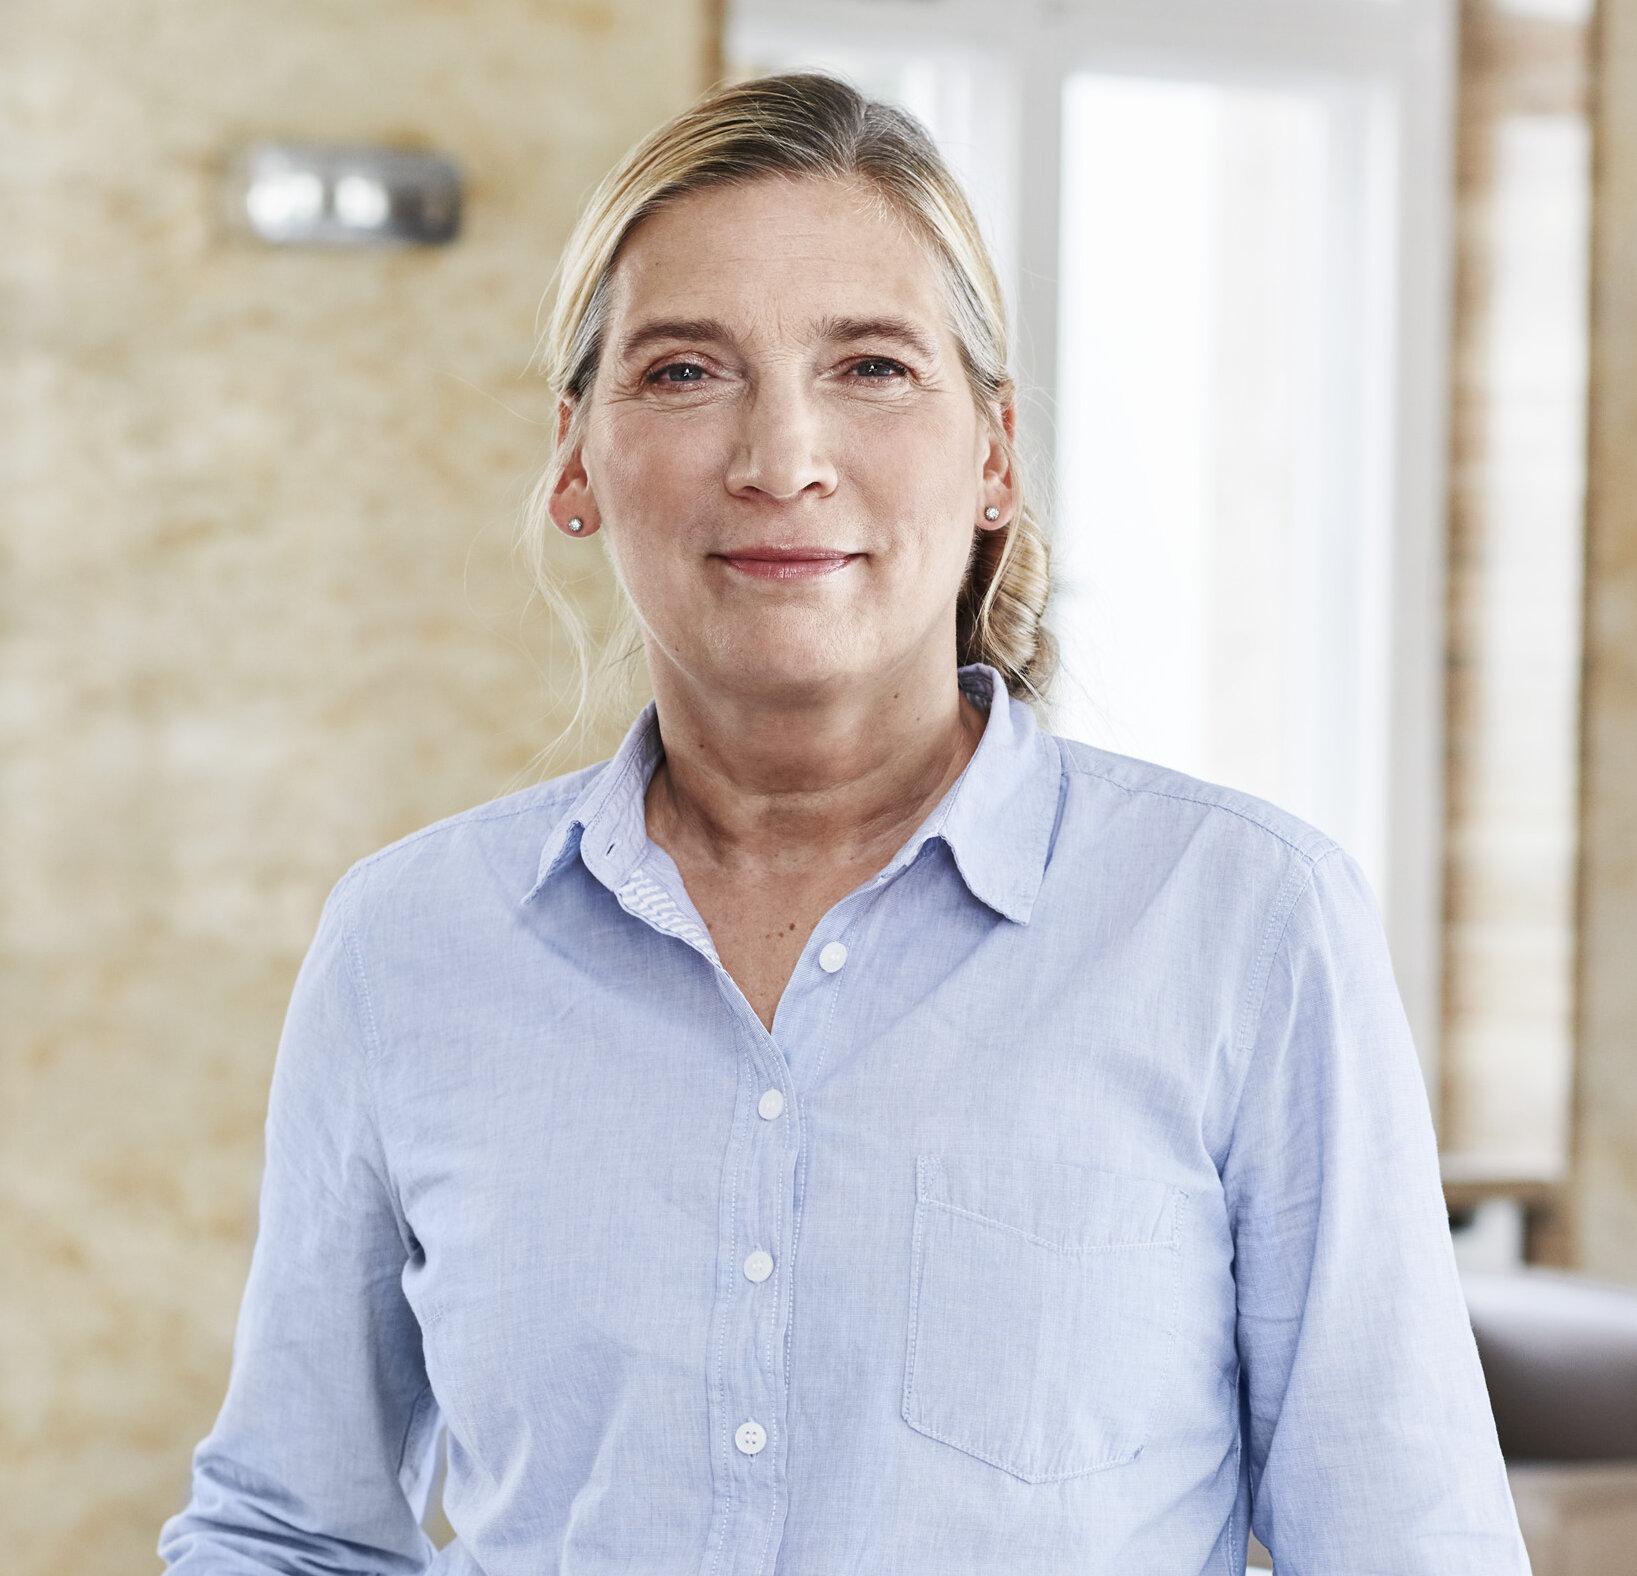 Martina Göldner